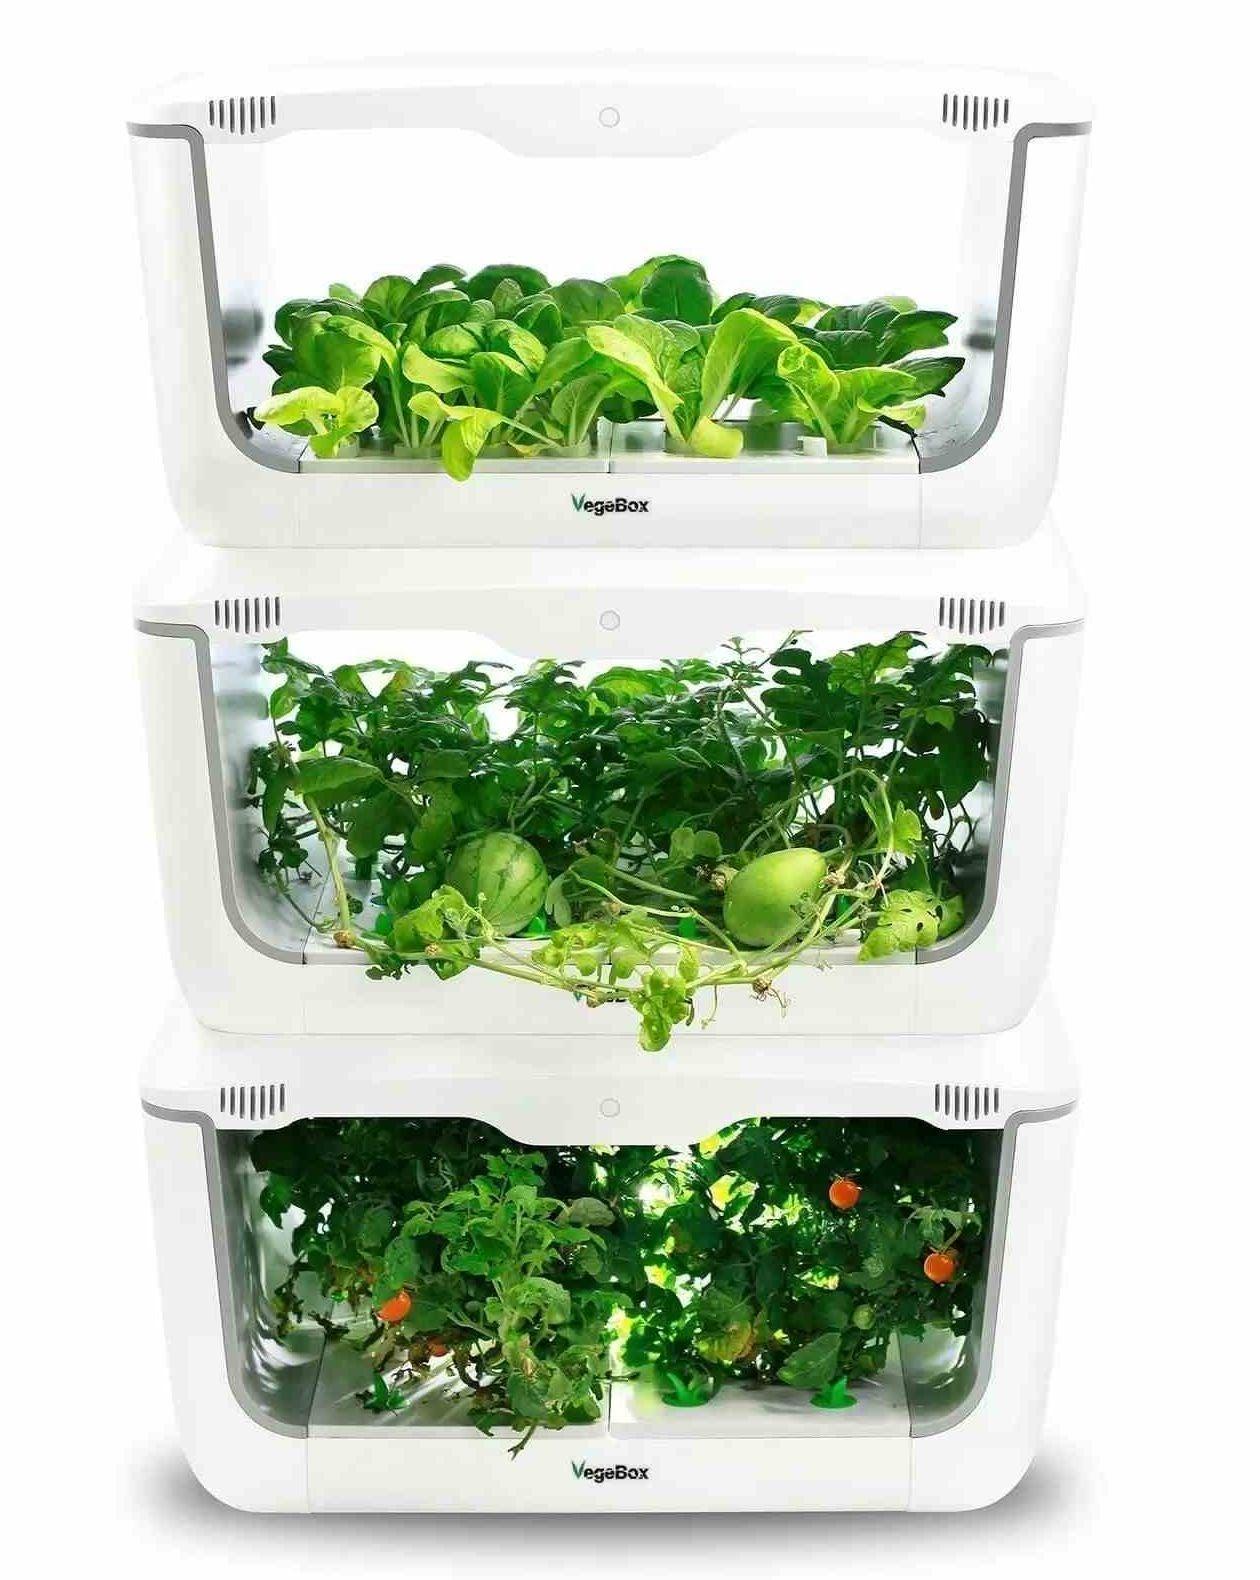 VegeBox indoor hydroponic garden